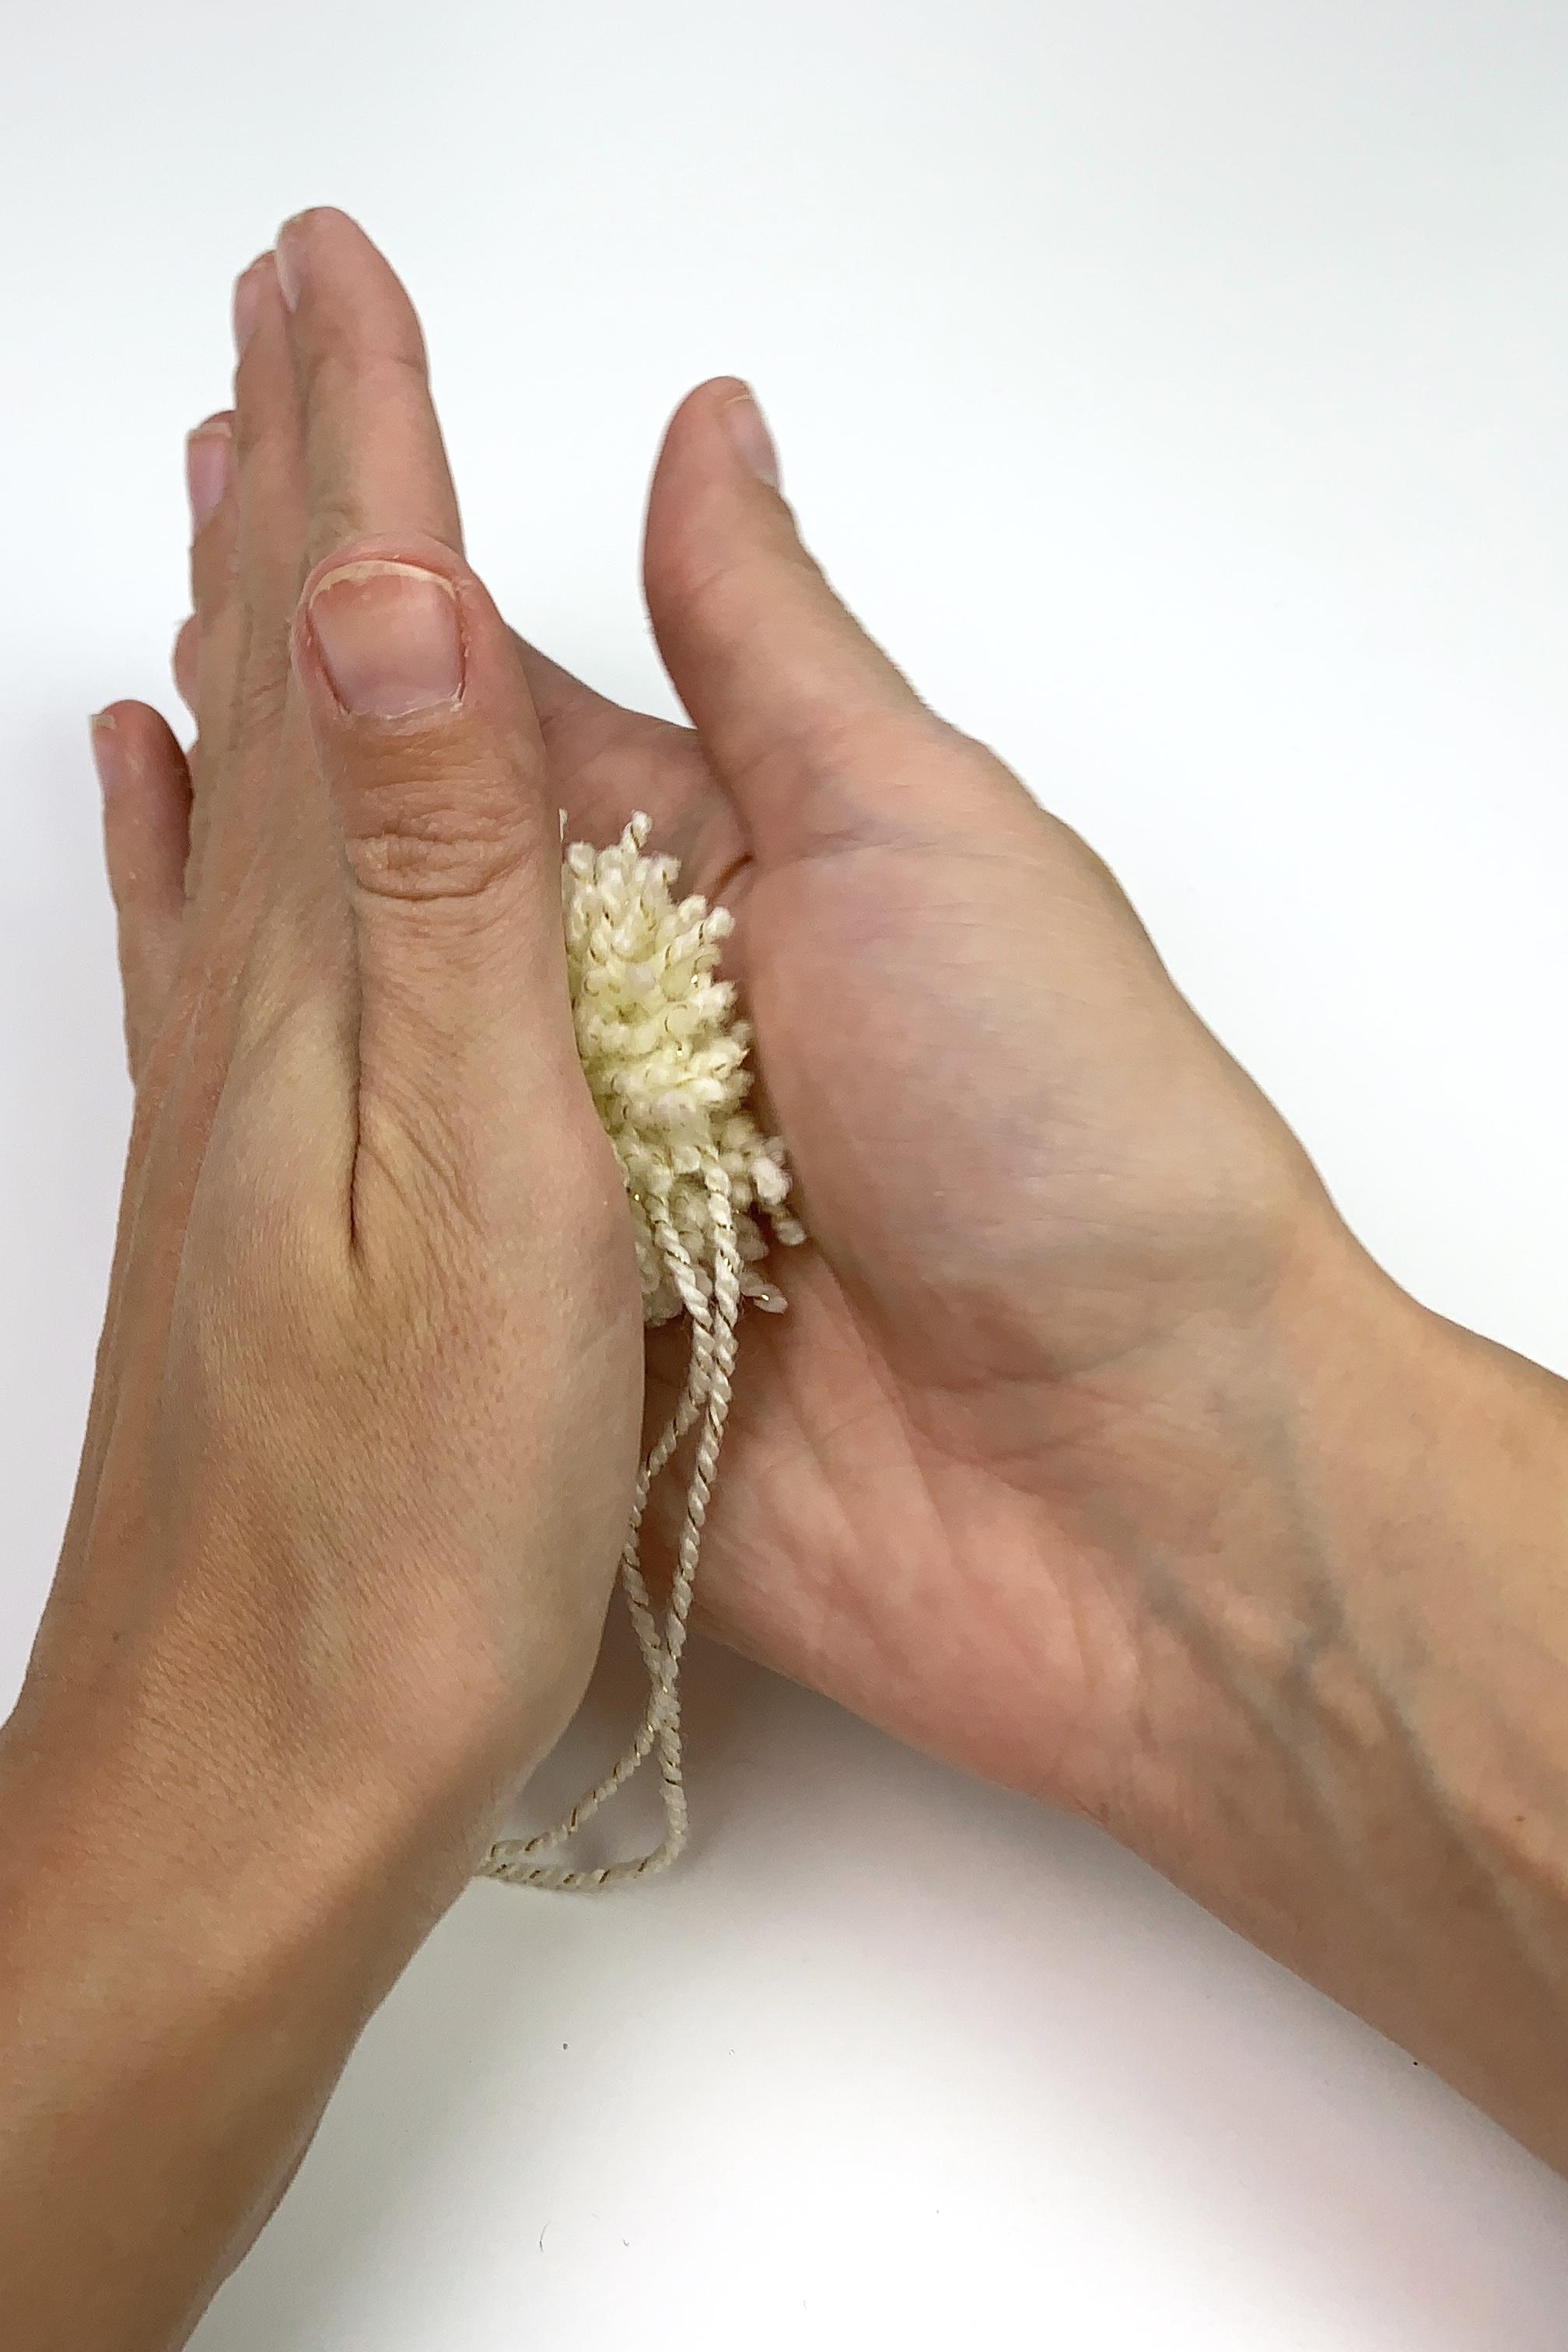 10. - Verreibe den Pompon zwischen deinen Händen. Das ergibt dann eine schöne Form.